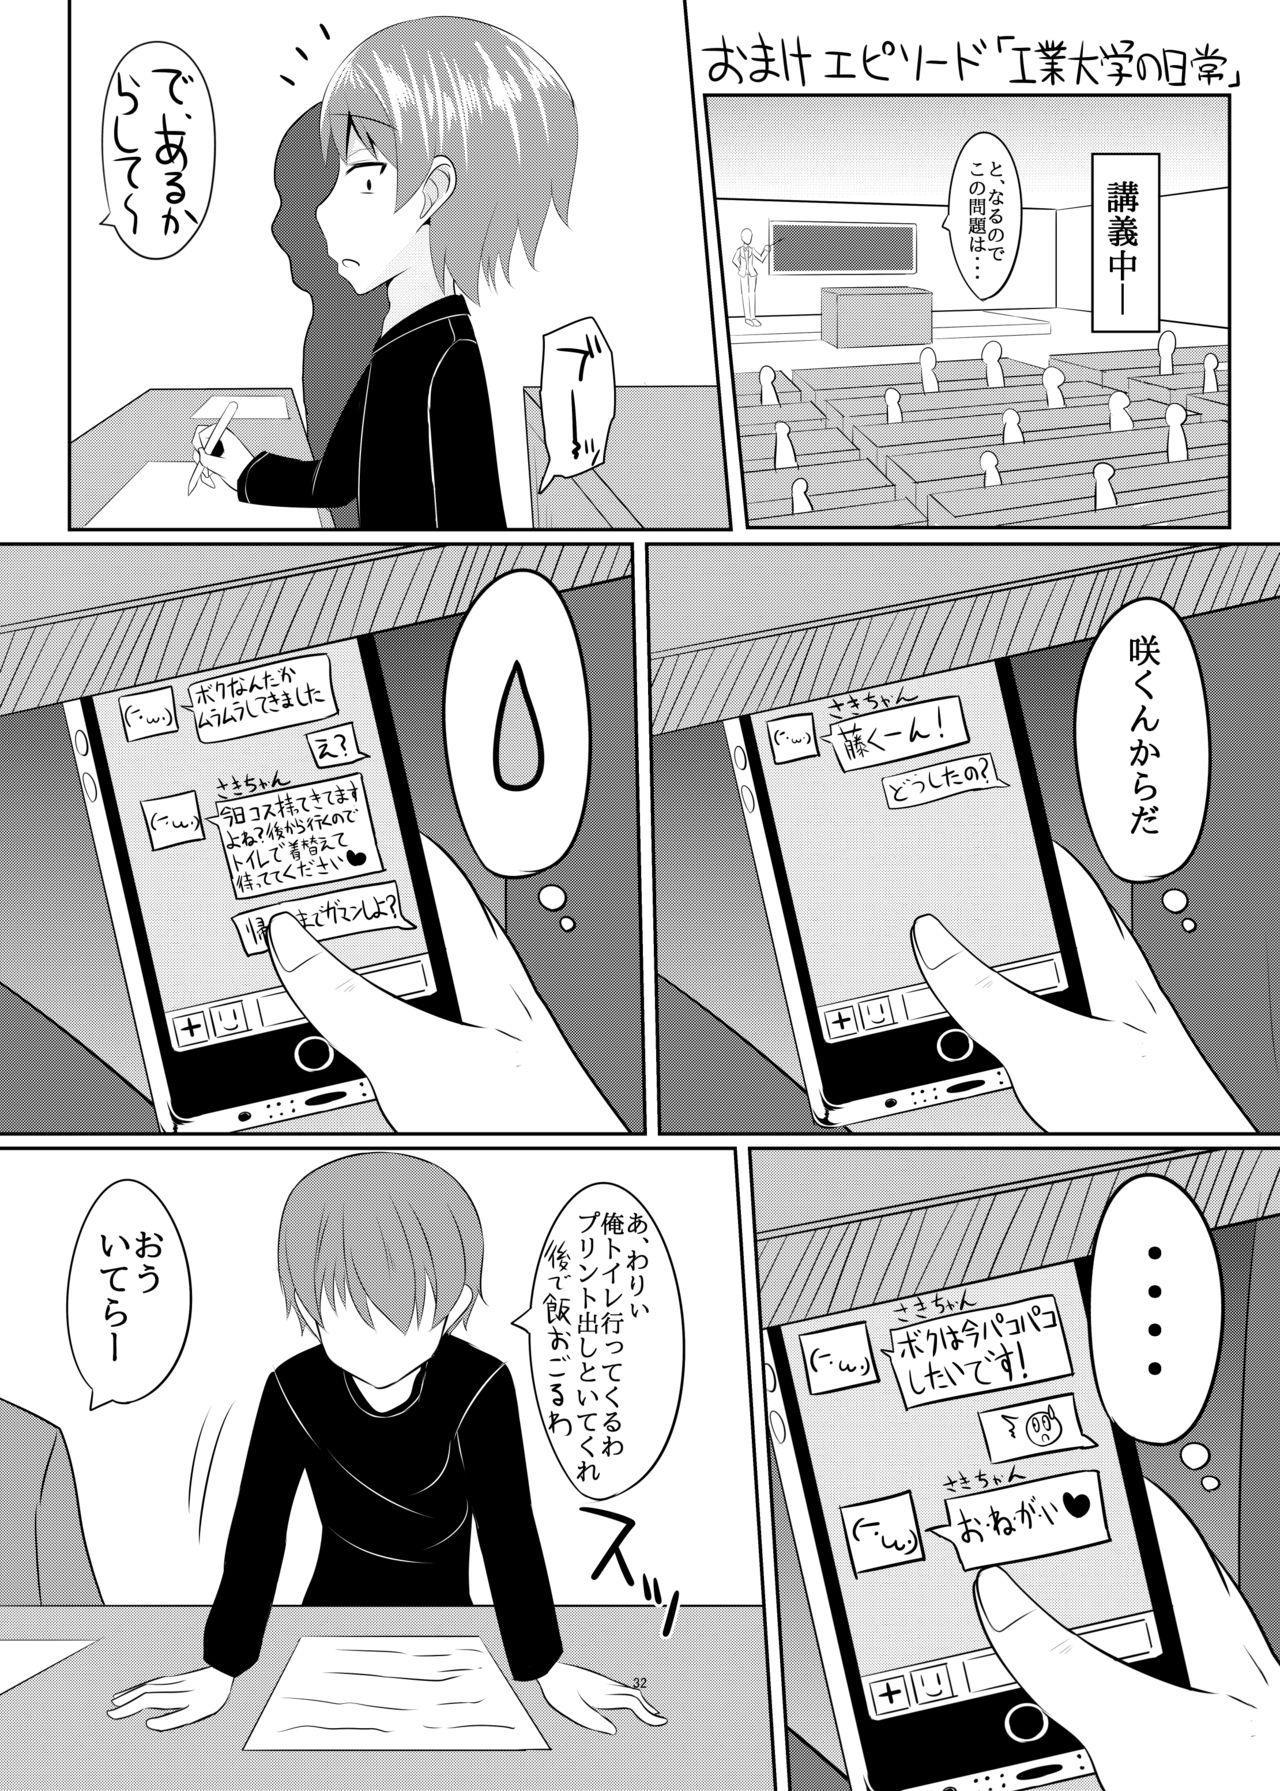 Seiyoku no Sugoi Otokonoko to Tsukiau Koto ni Natta Kekka w 30